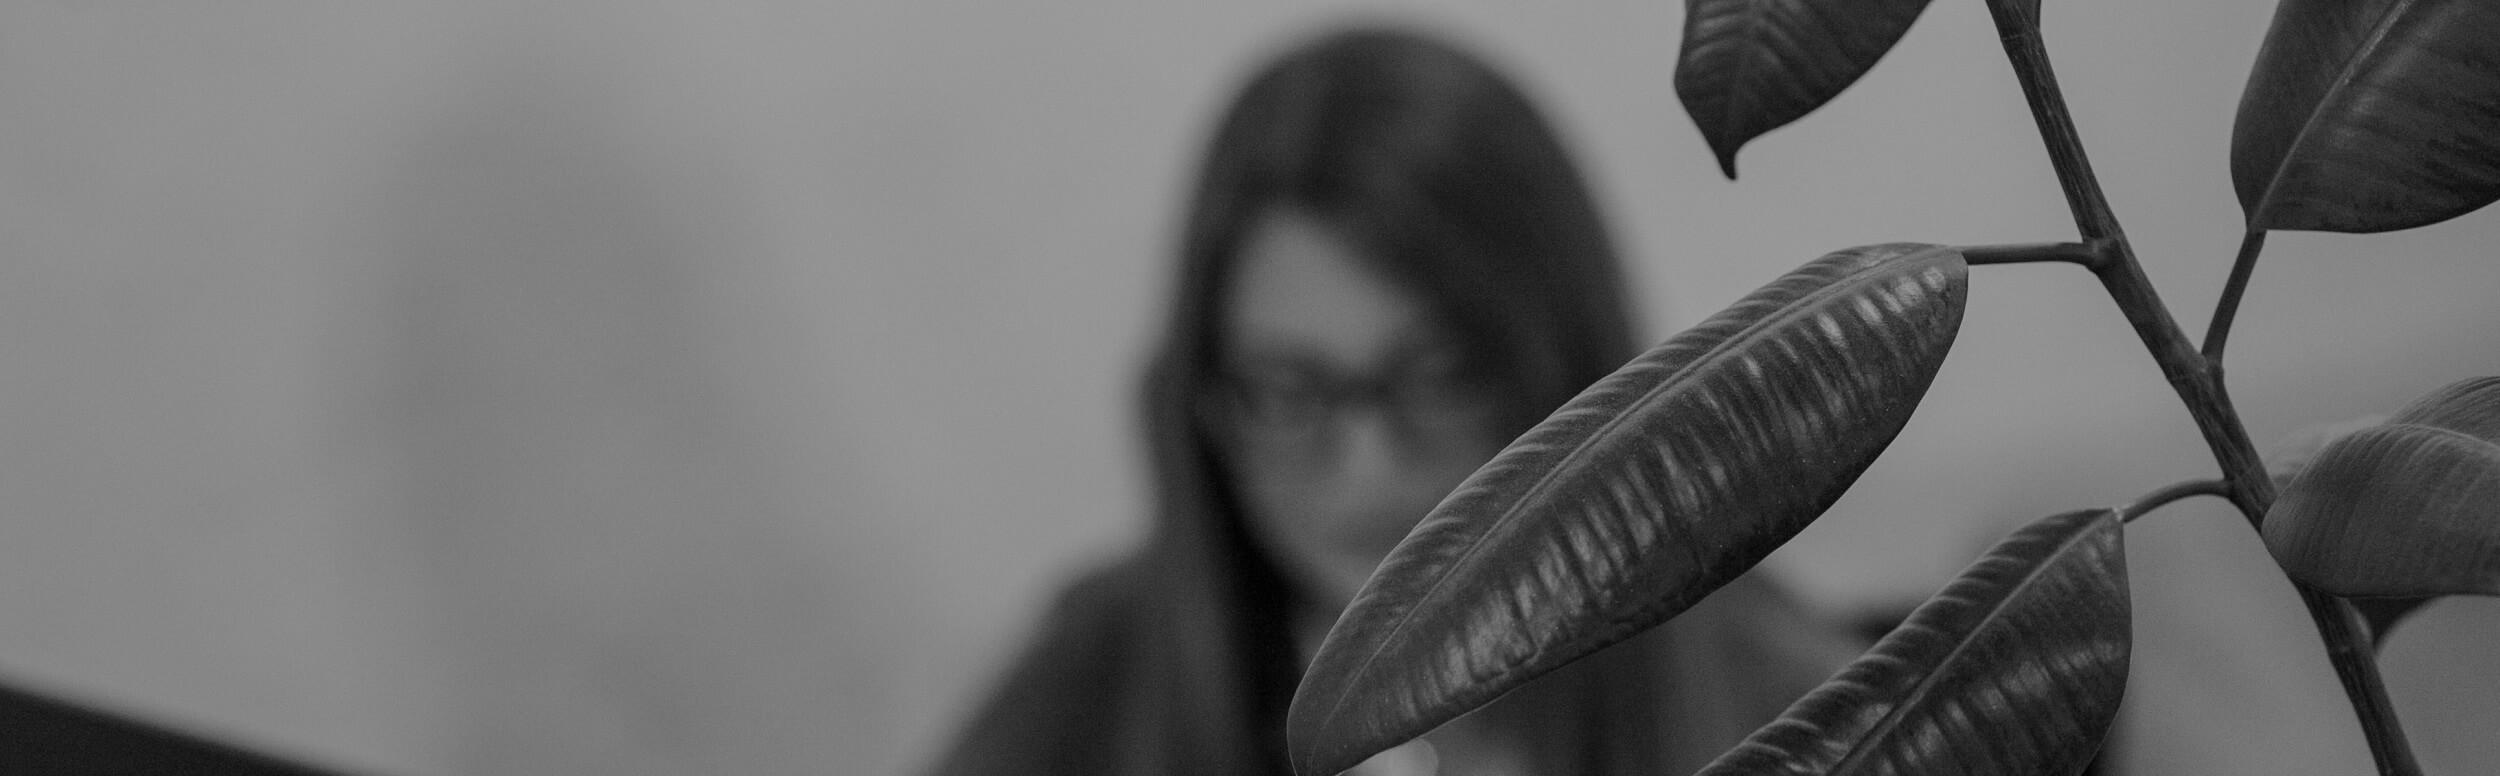 Rastlina žena v okuliaroch v pozadí